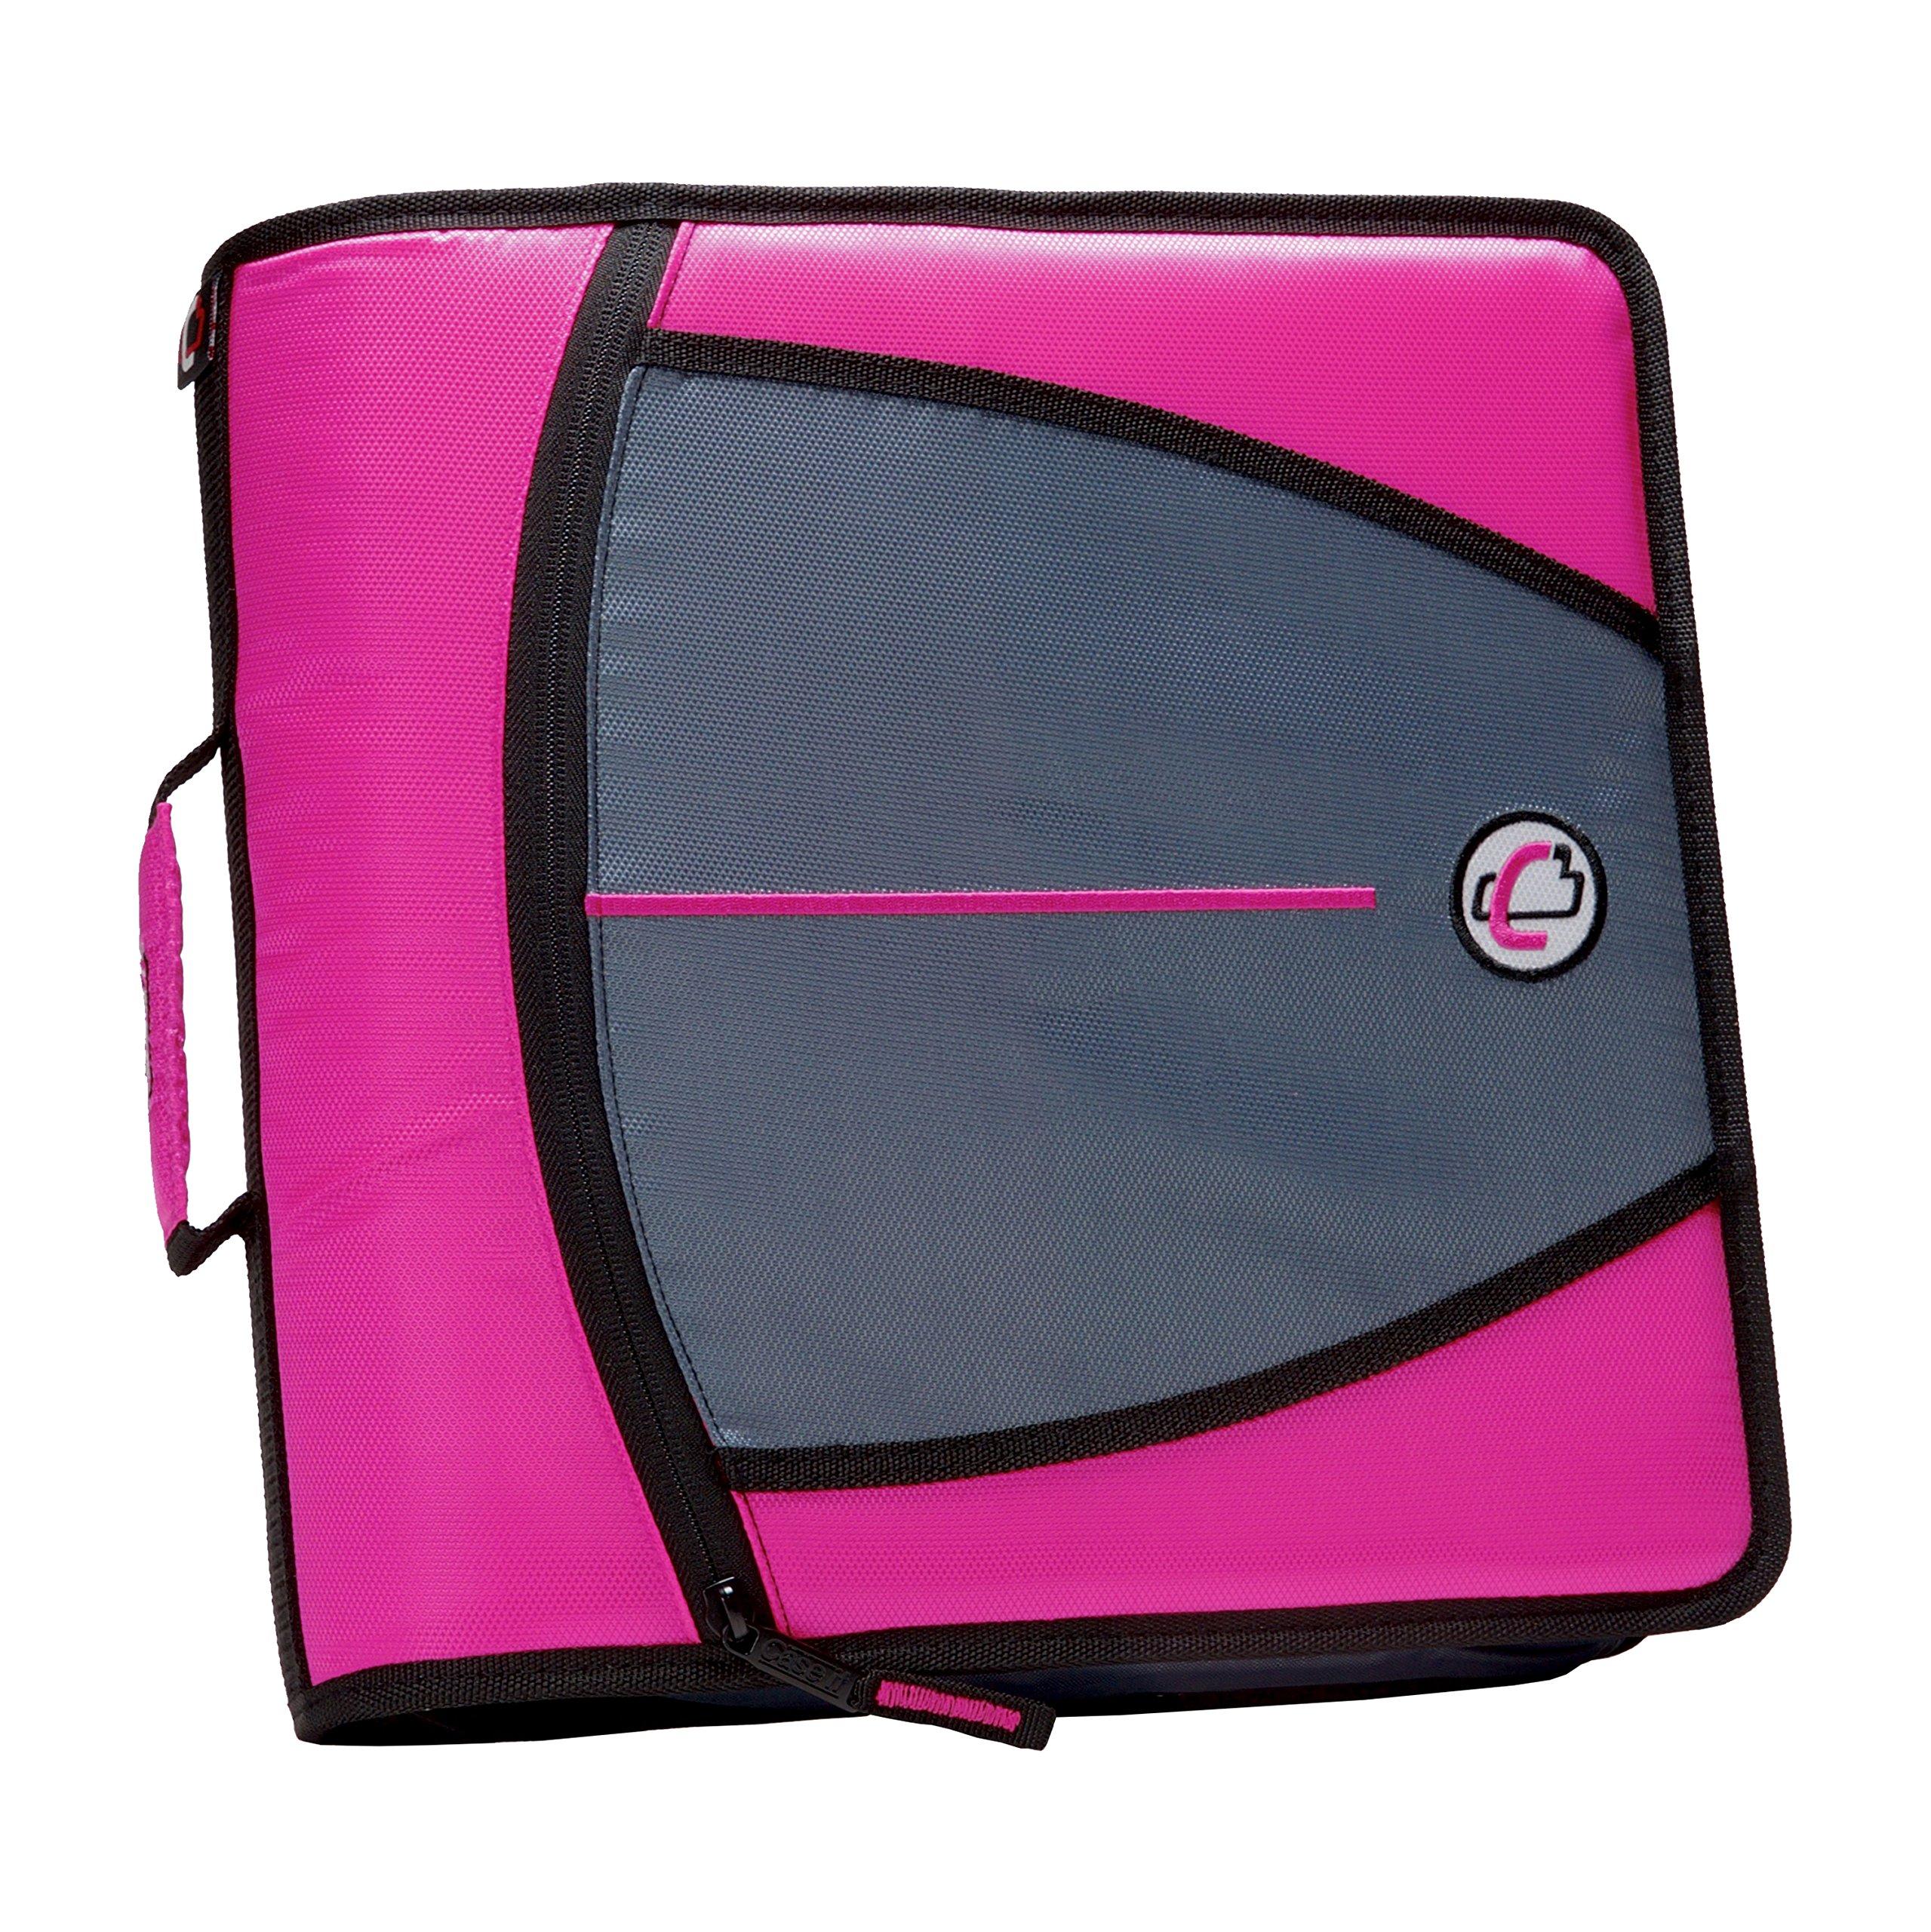 Case-it Mighty Zip Tab 3-inch Zipper Binder, Magenta, D-146-MAG